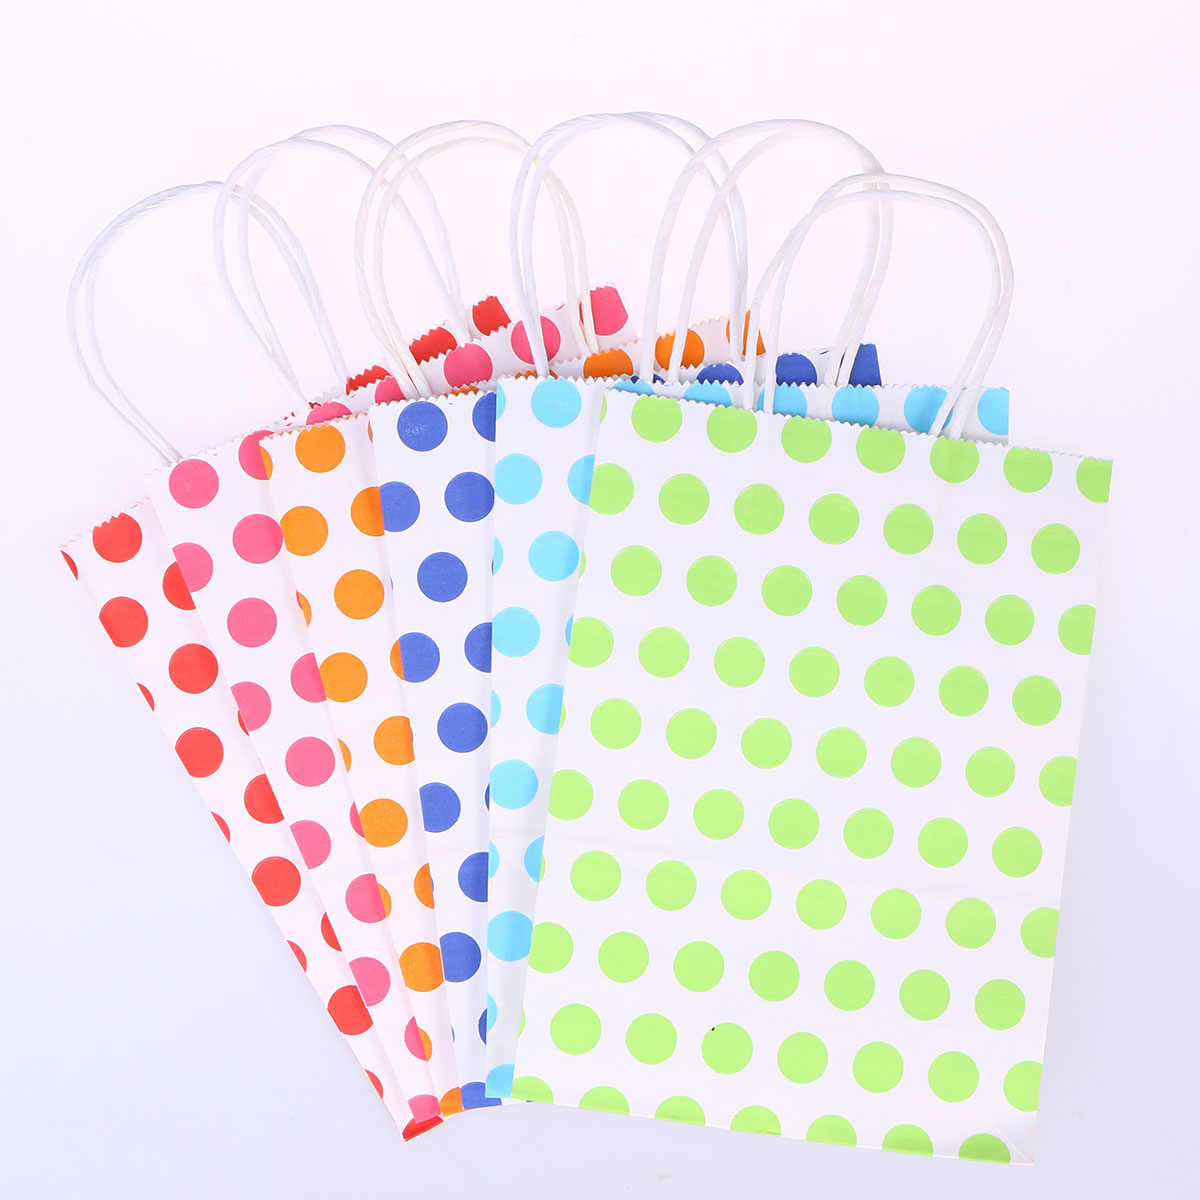 24 cái Túi Giấy Polka Dot Pattern Wedding Party Trang Trí Thủ Công Mỹ Nghệ Thực Phẩm Túi Quà Tặng Túi Kẹo Snack Cookie Túi Ủng Hộ Đảng